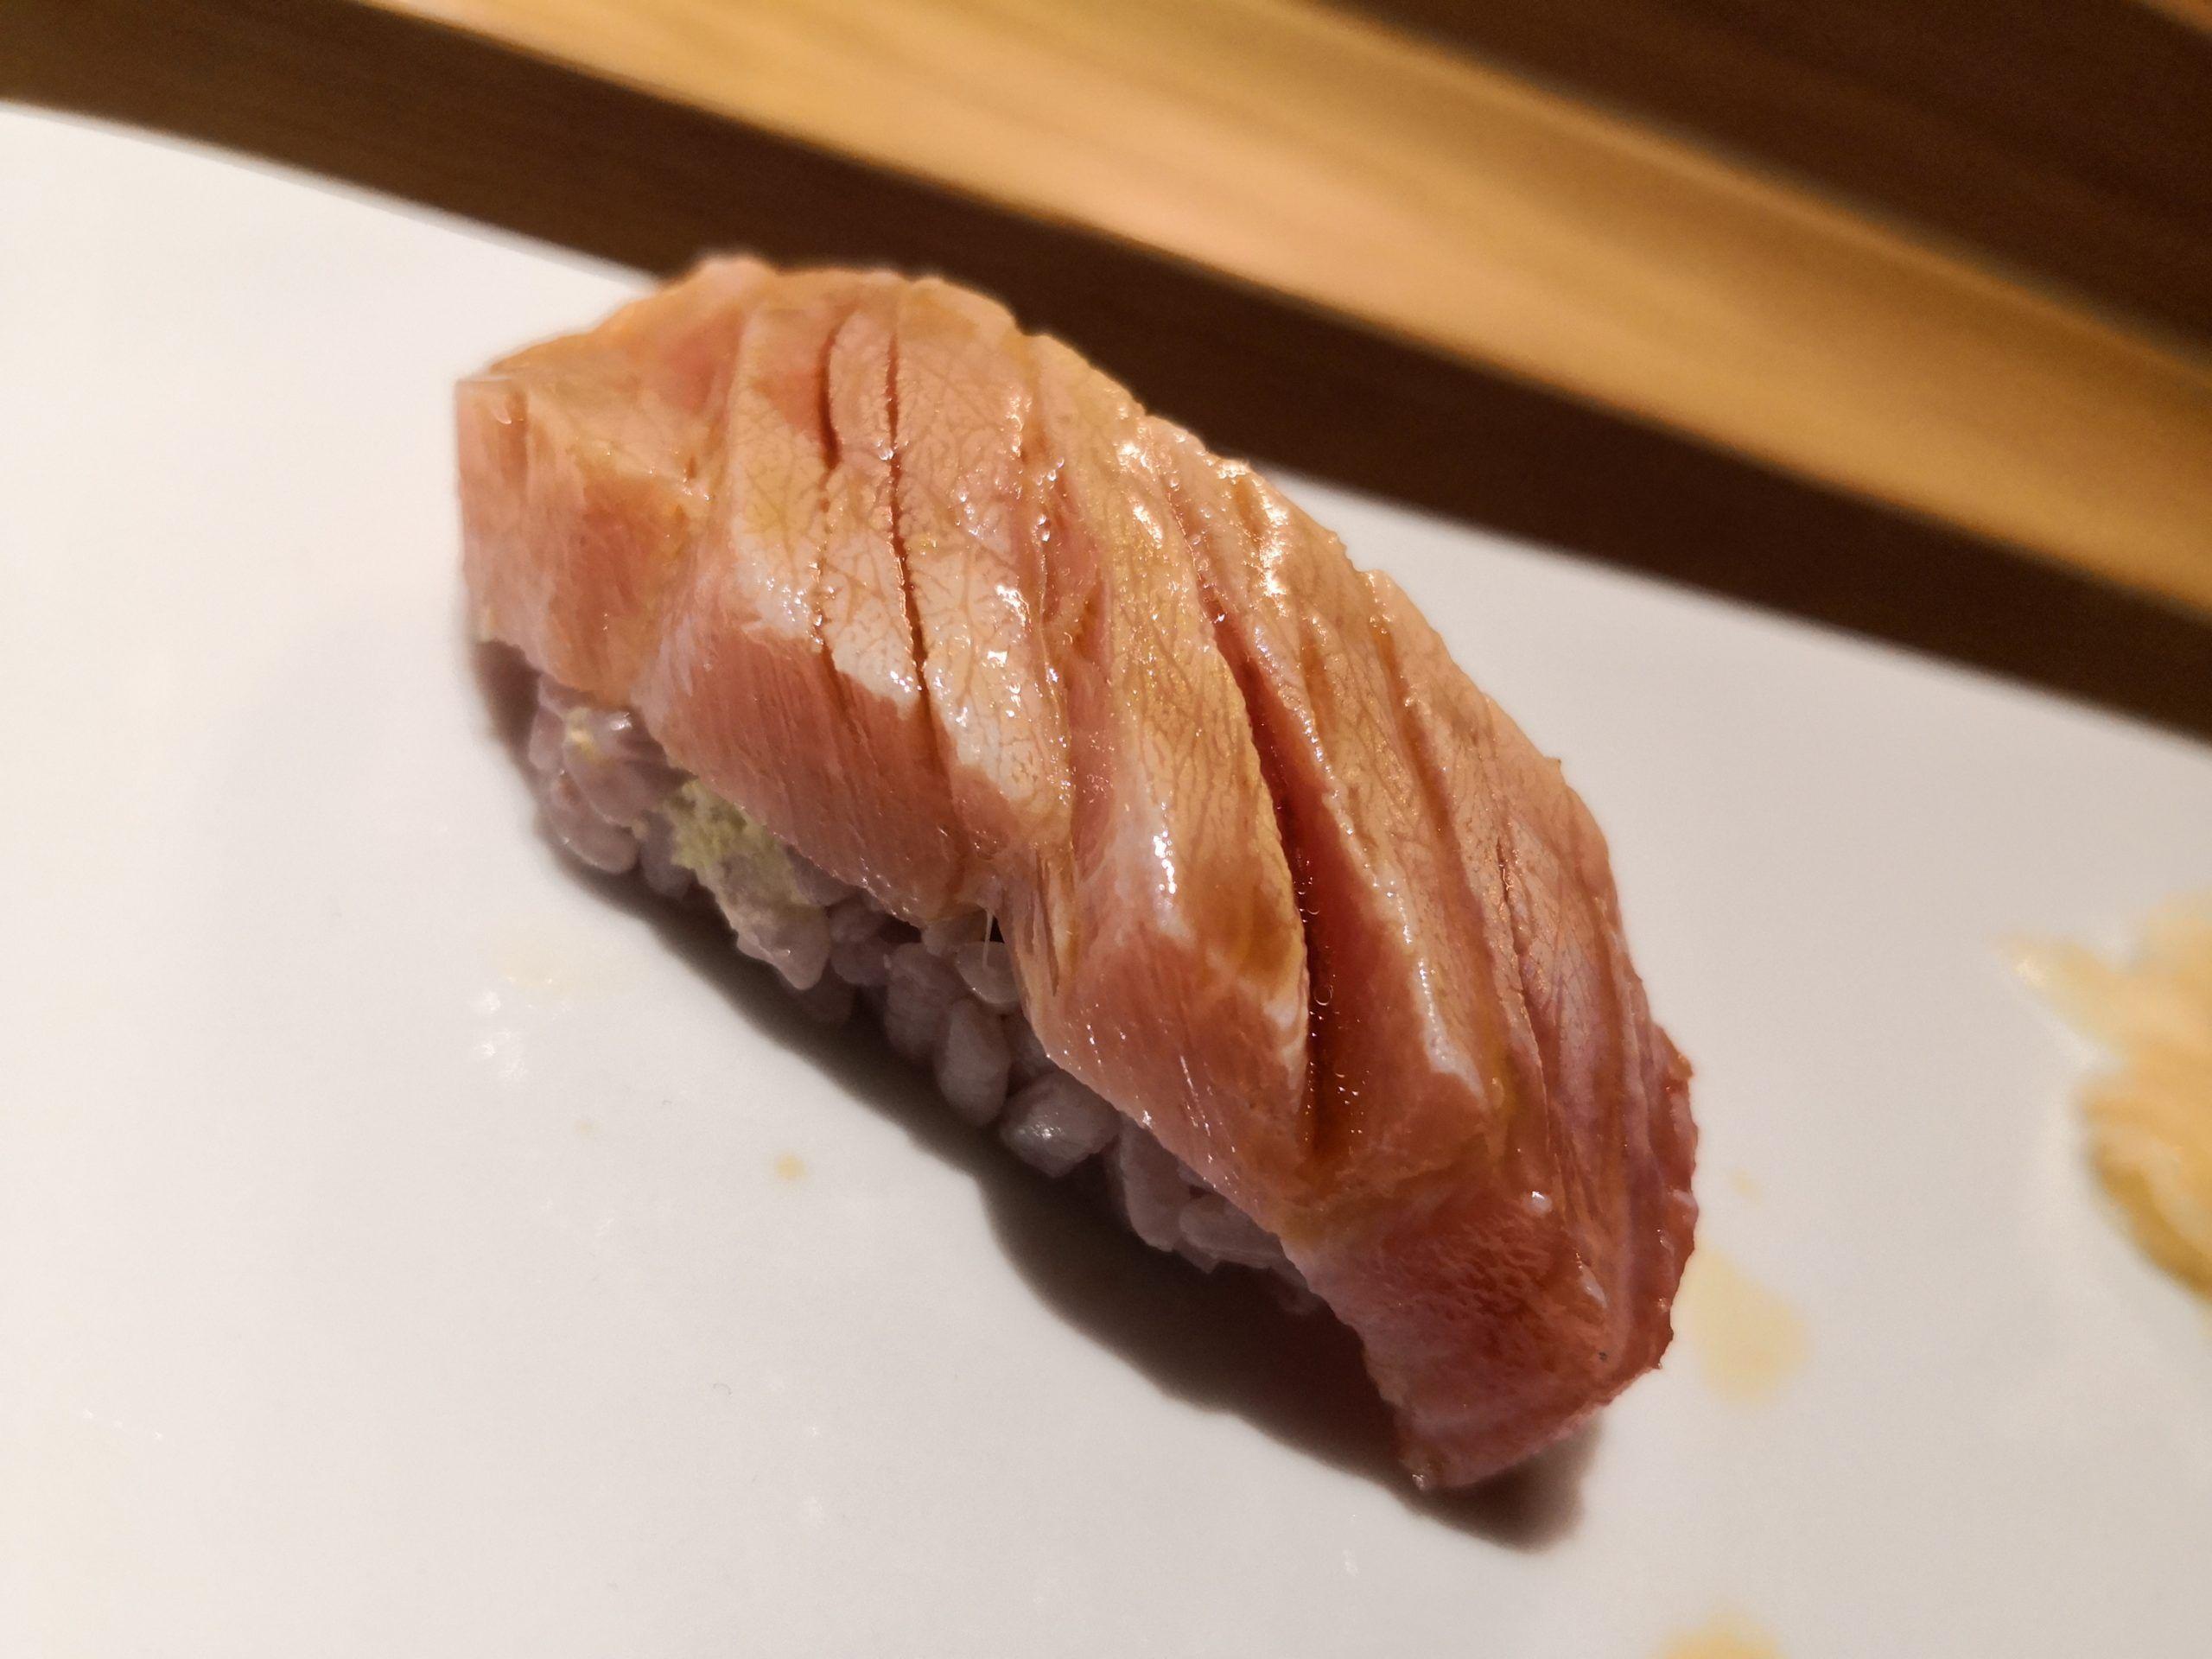 バルセロナで一番人気のお寿司屋さん【Sato i Tanaka】の記事です。全席カウンター席の本格的なお寿司屋さんですが、お値段はお手頃価格!!人気店のため予約必須のお寿司屋さんのご紹介です。#barcelona #spain #sushi #バルセロナ #寿司 #人気店